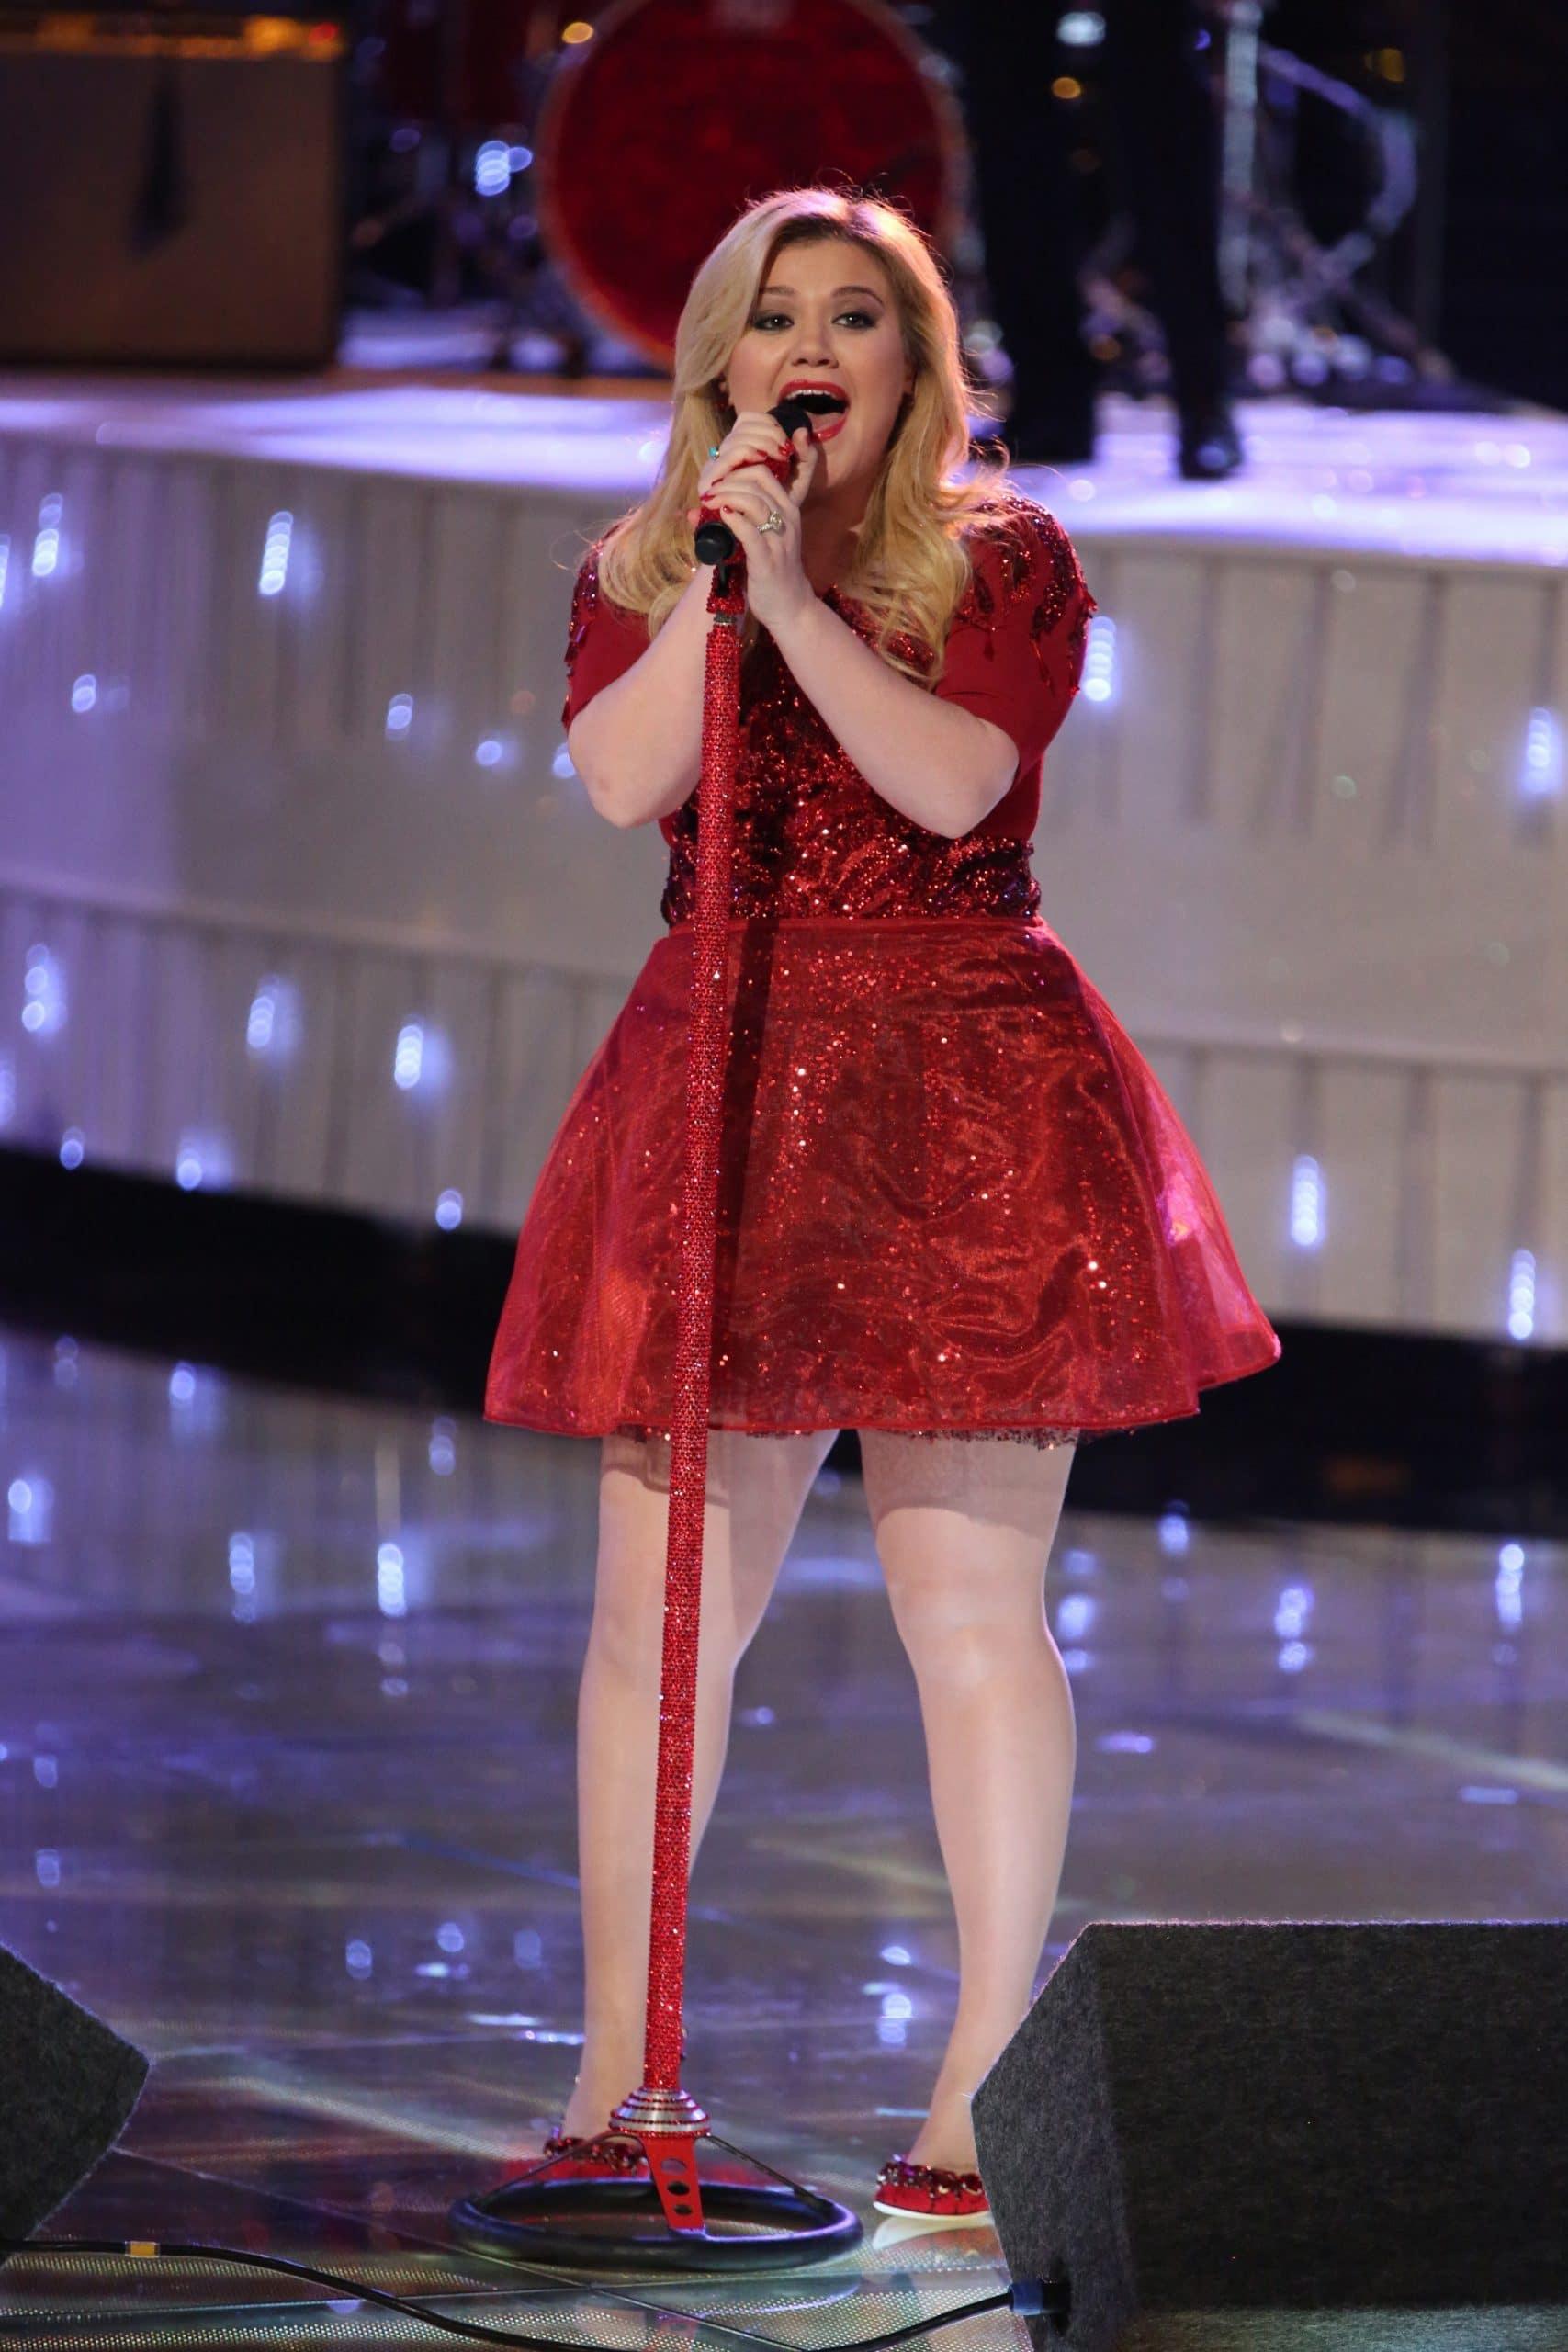 THE VOICE, Kelly Clarkson, (Season 5, 2013)